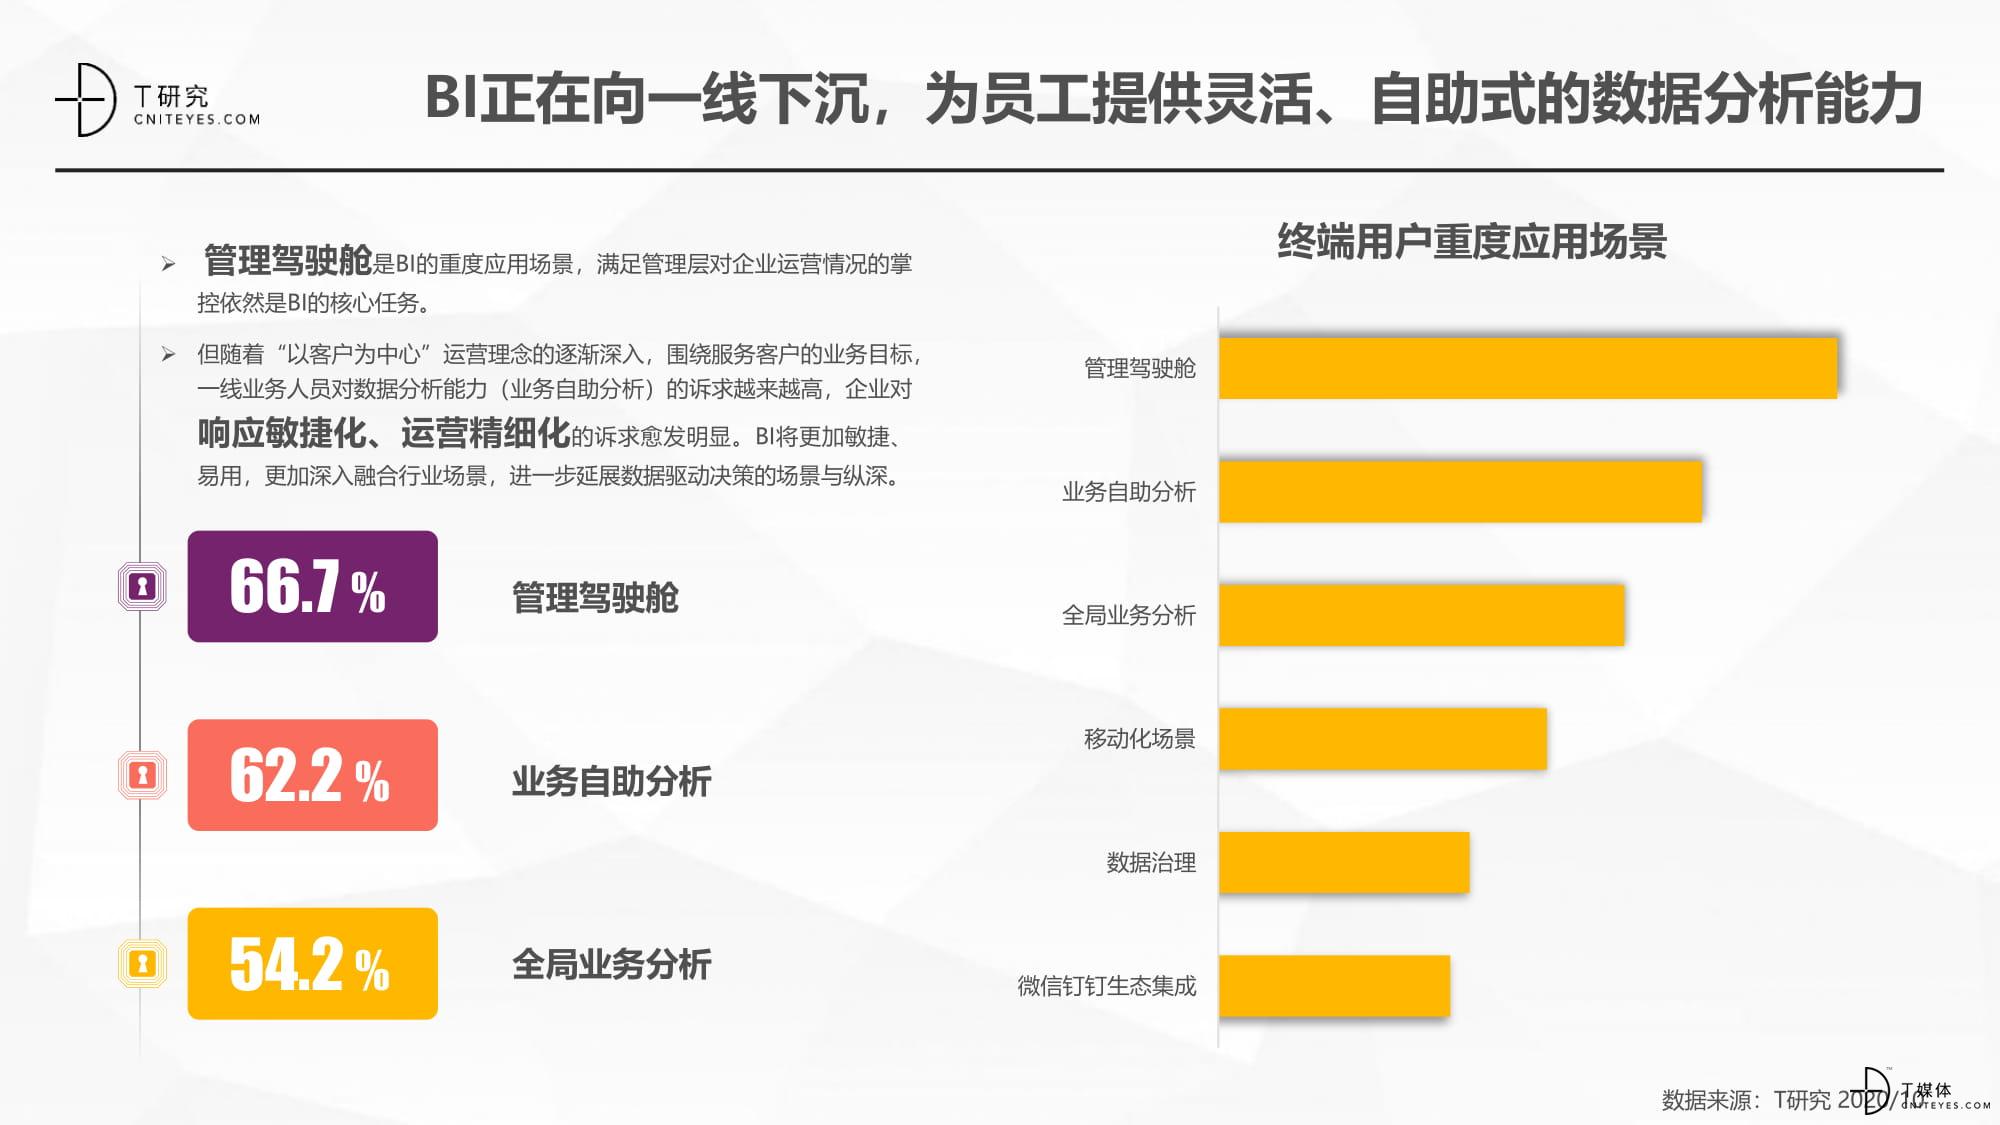 2020中国BI指数测评报告-12.jpg